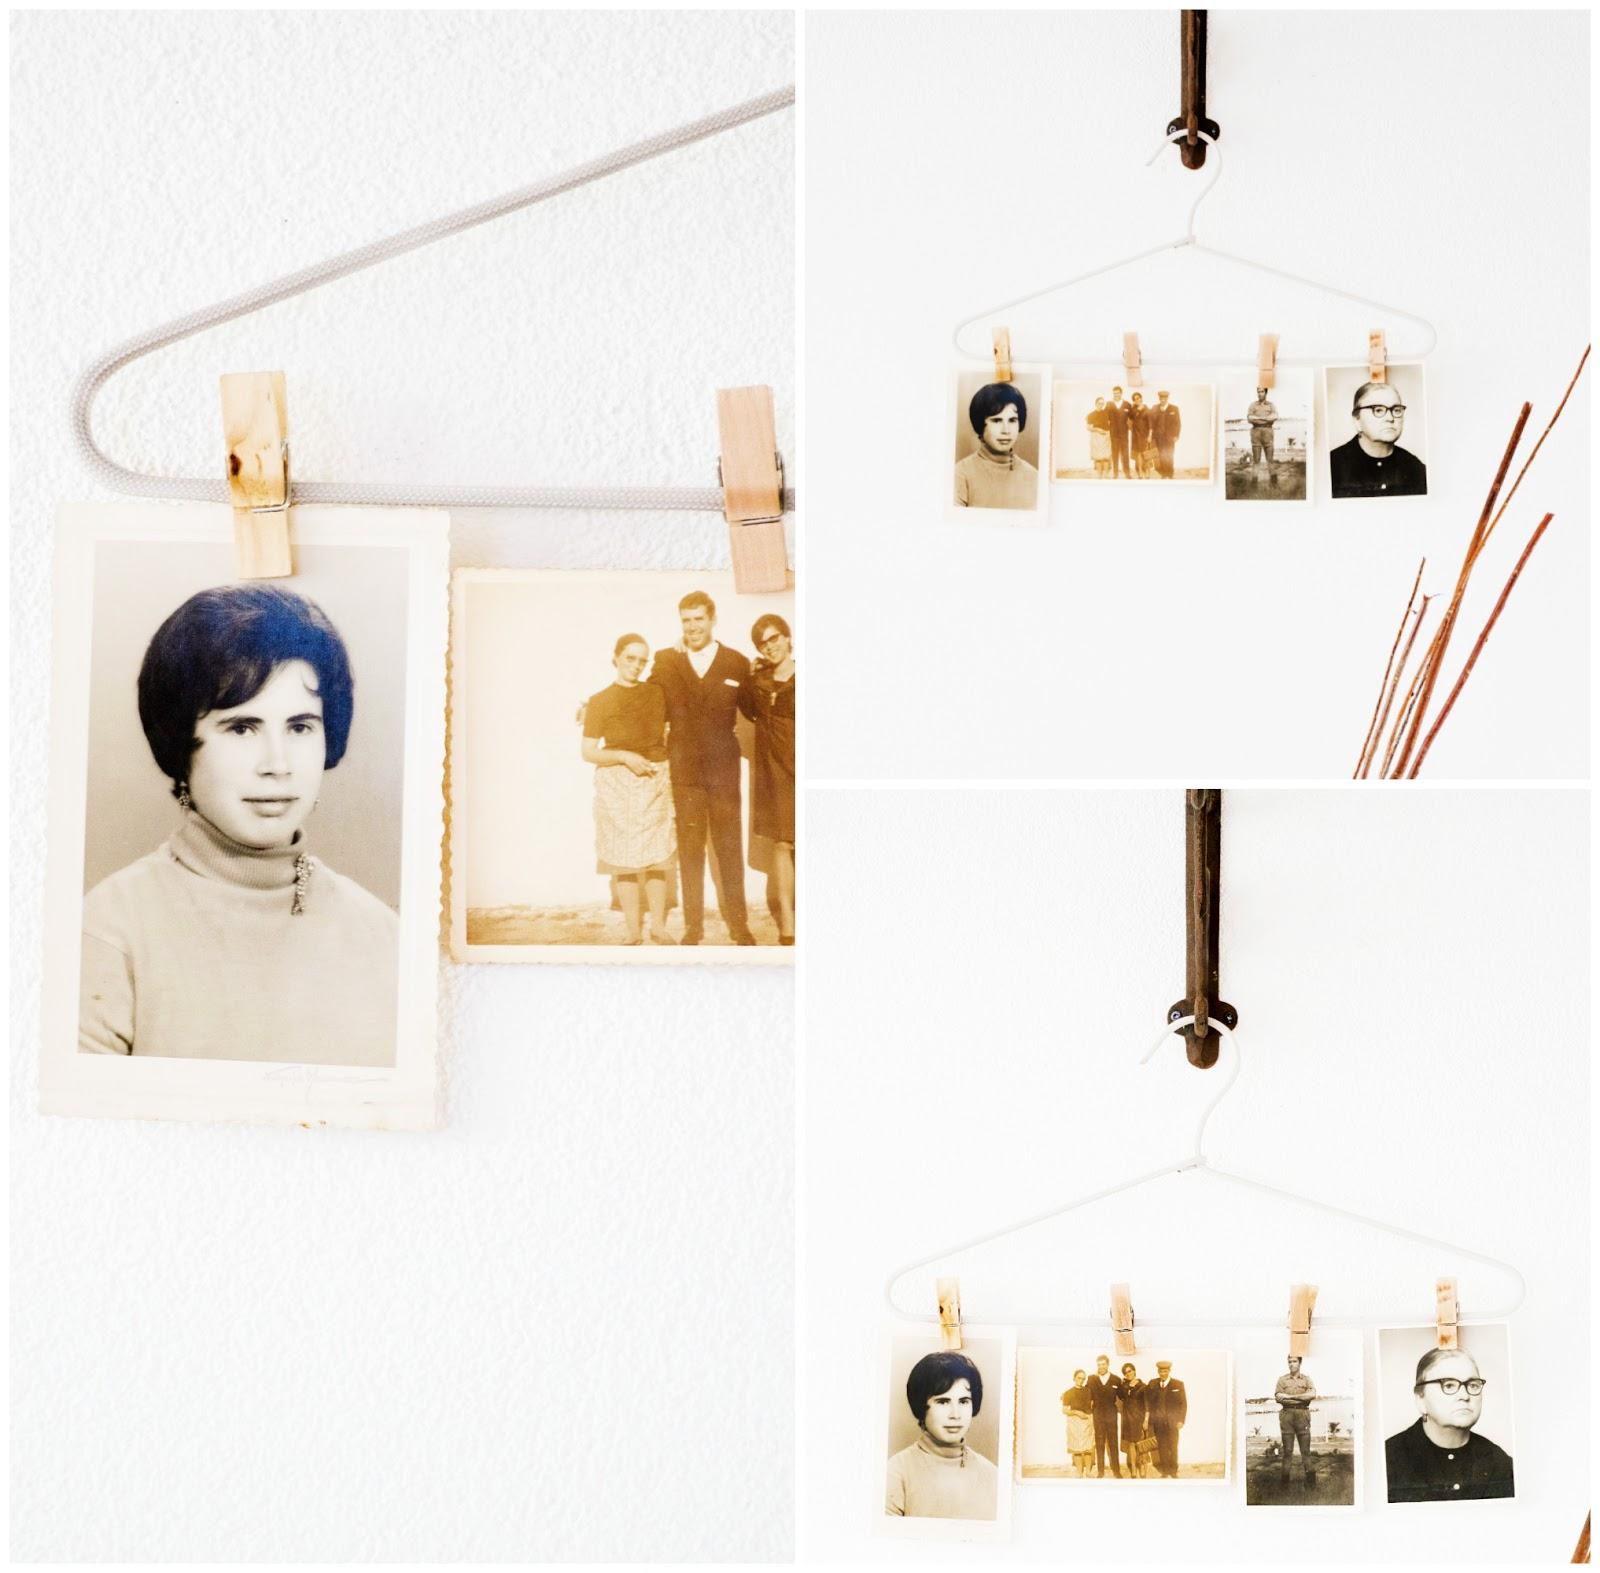 Je kunt ook een mooie en simpele kledinghanger gebruiken met kleine houtenknippers